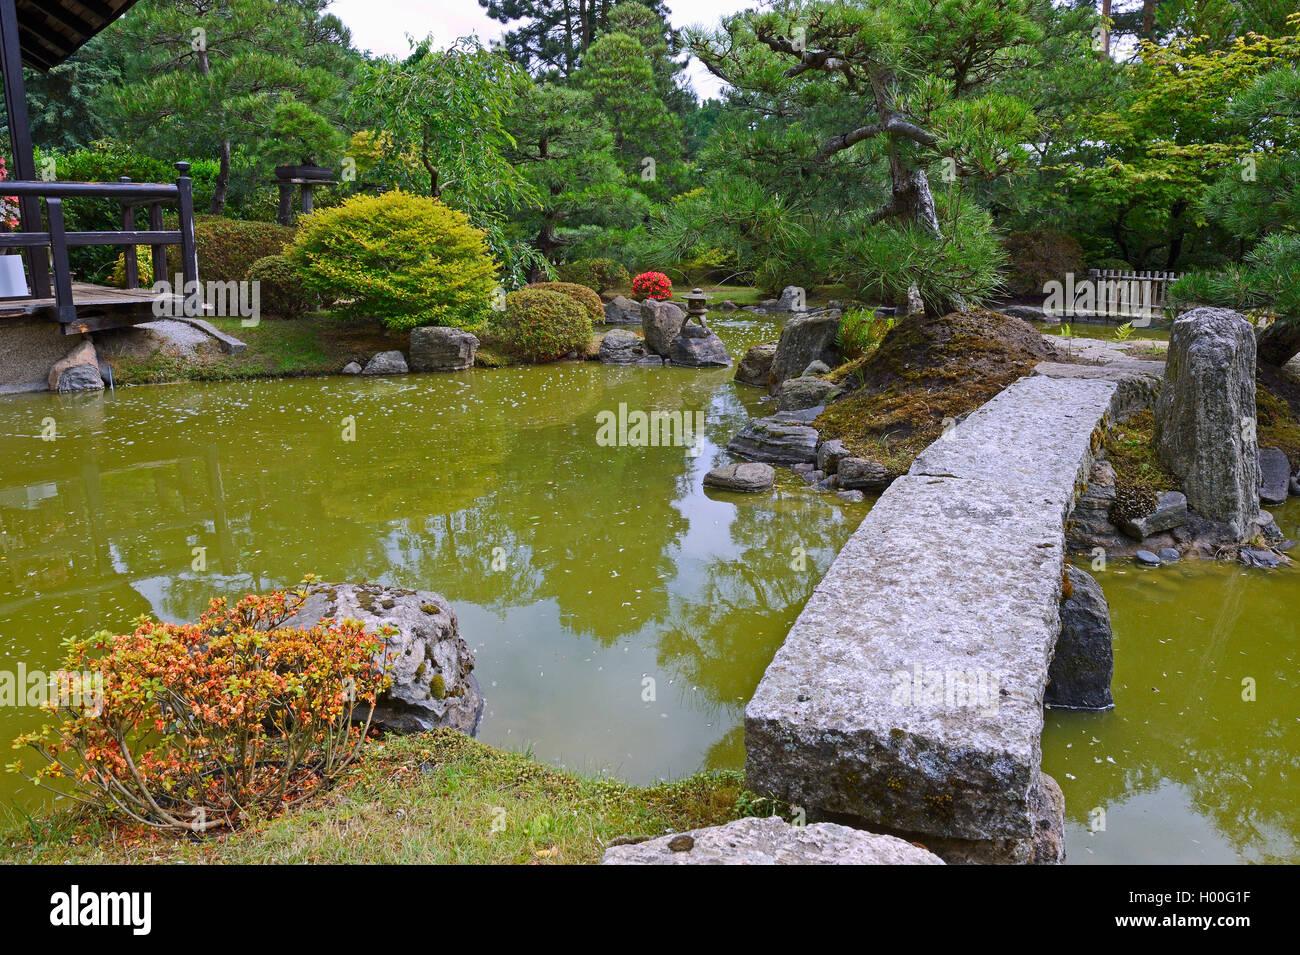 Typischer Gartenlandschaft Garten Mit Steindekorationen Und Koiteich